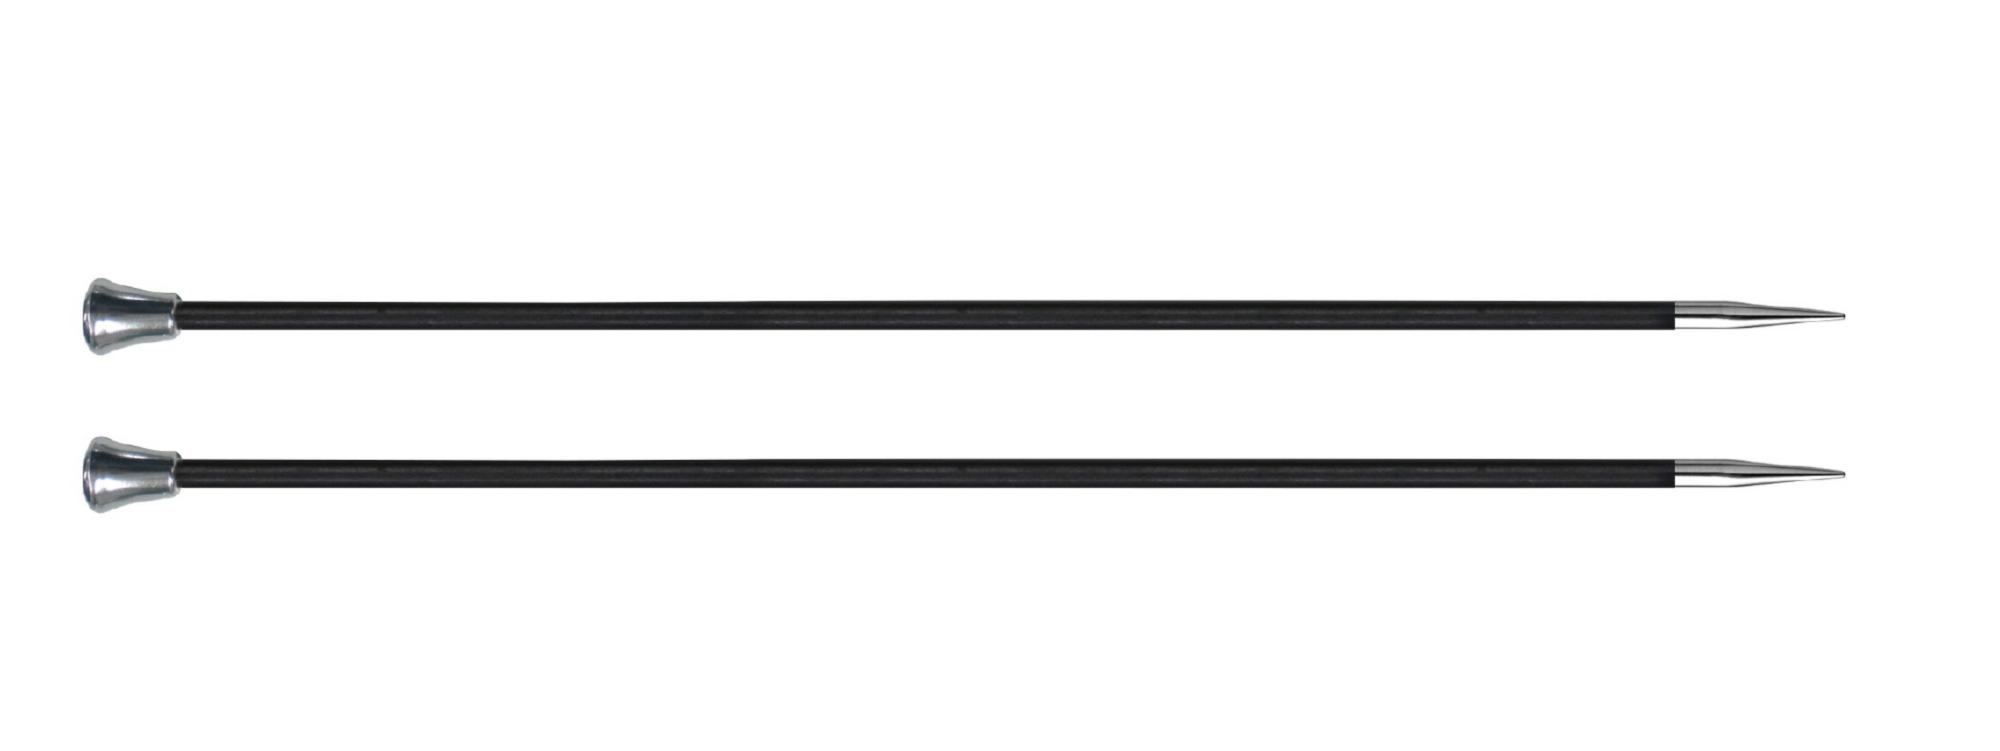 Спицы прямые 35 см Karbonz KnitPro, 41289, 4.50 мм